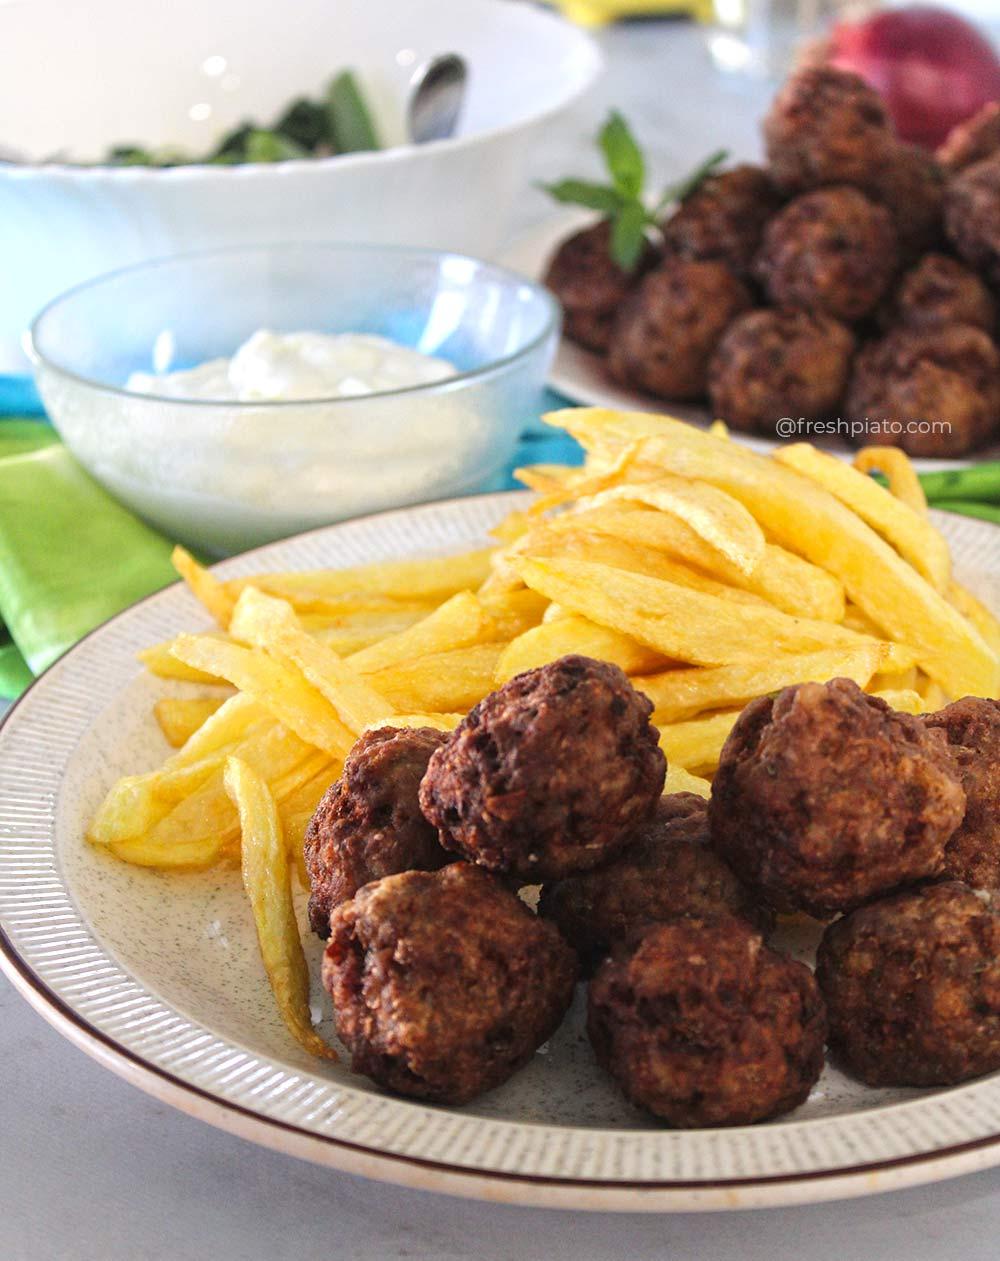 Κεφτεδάκια πατάτες συνταγή